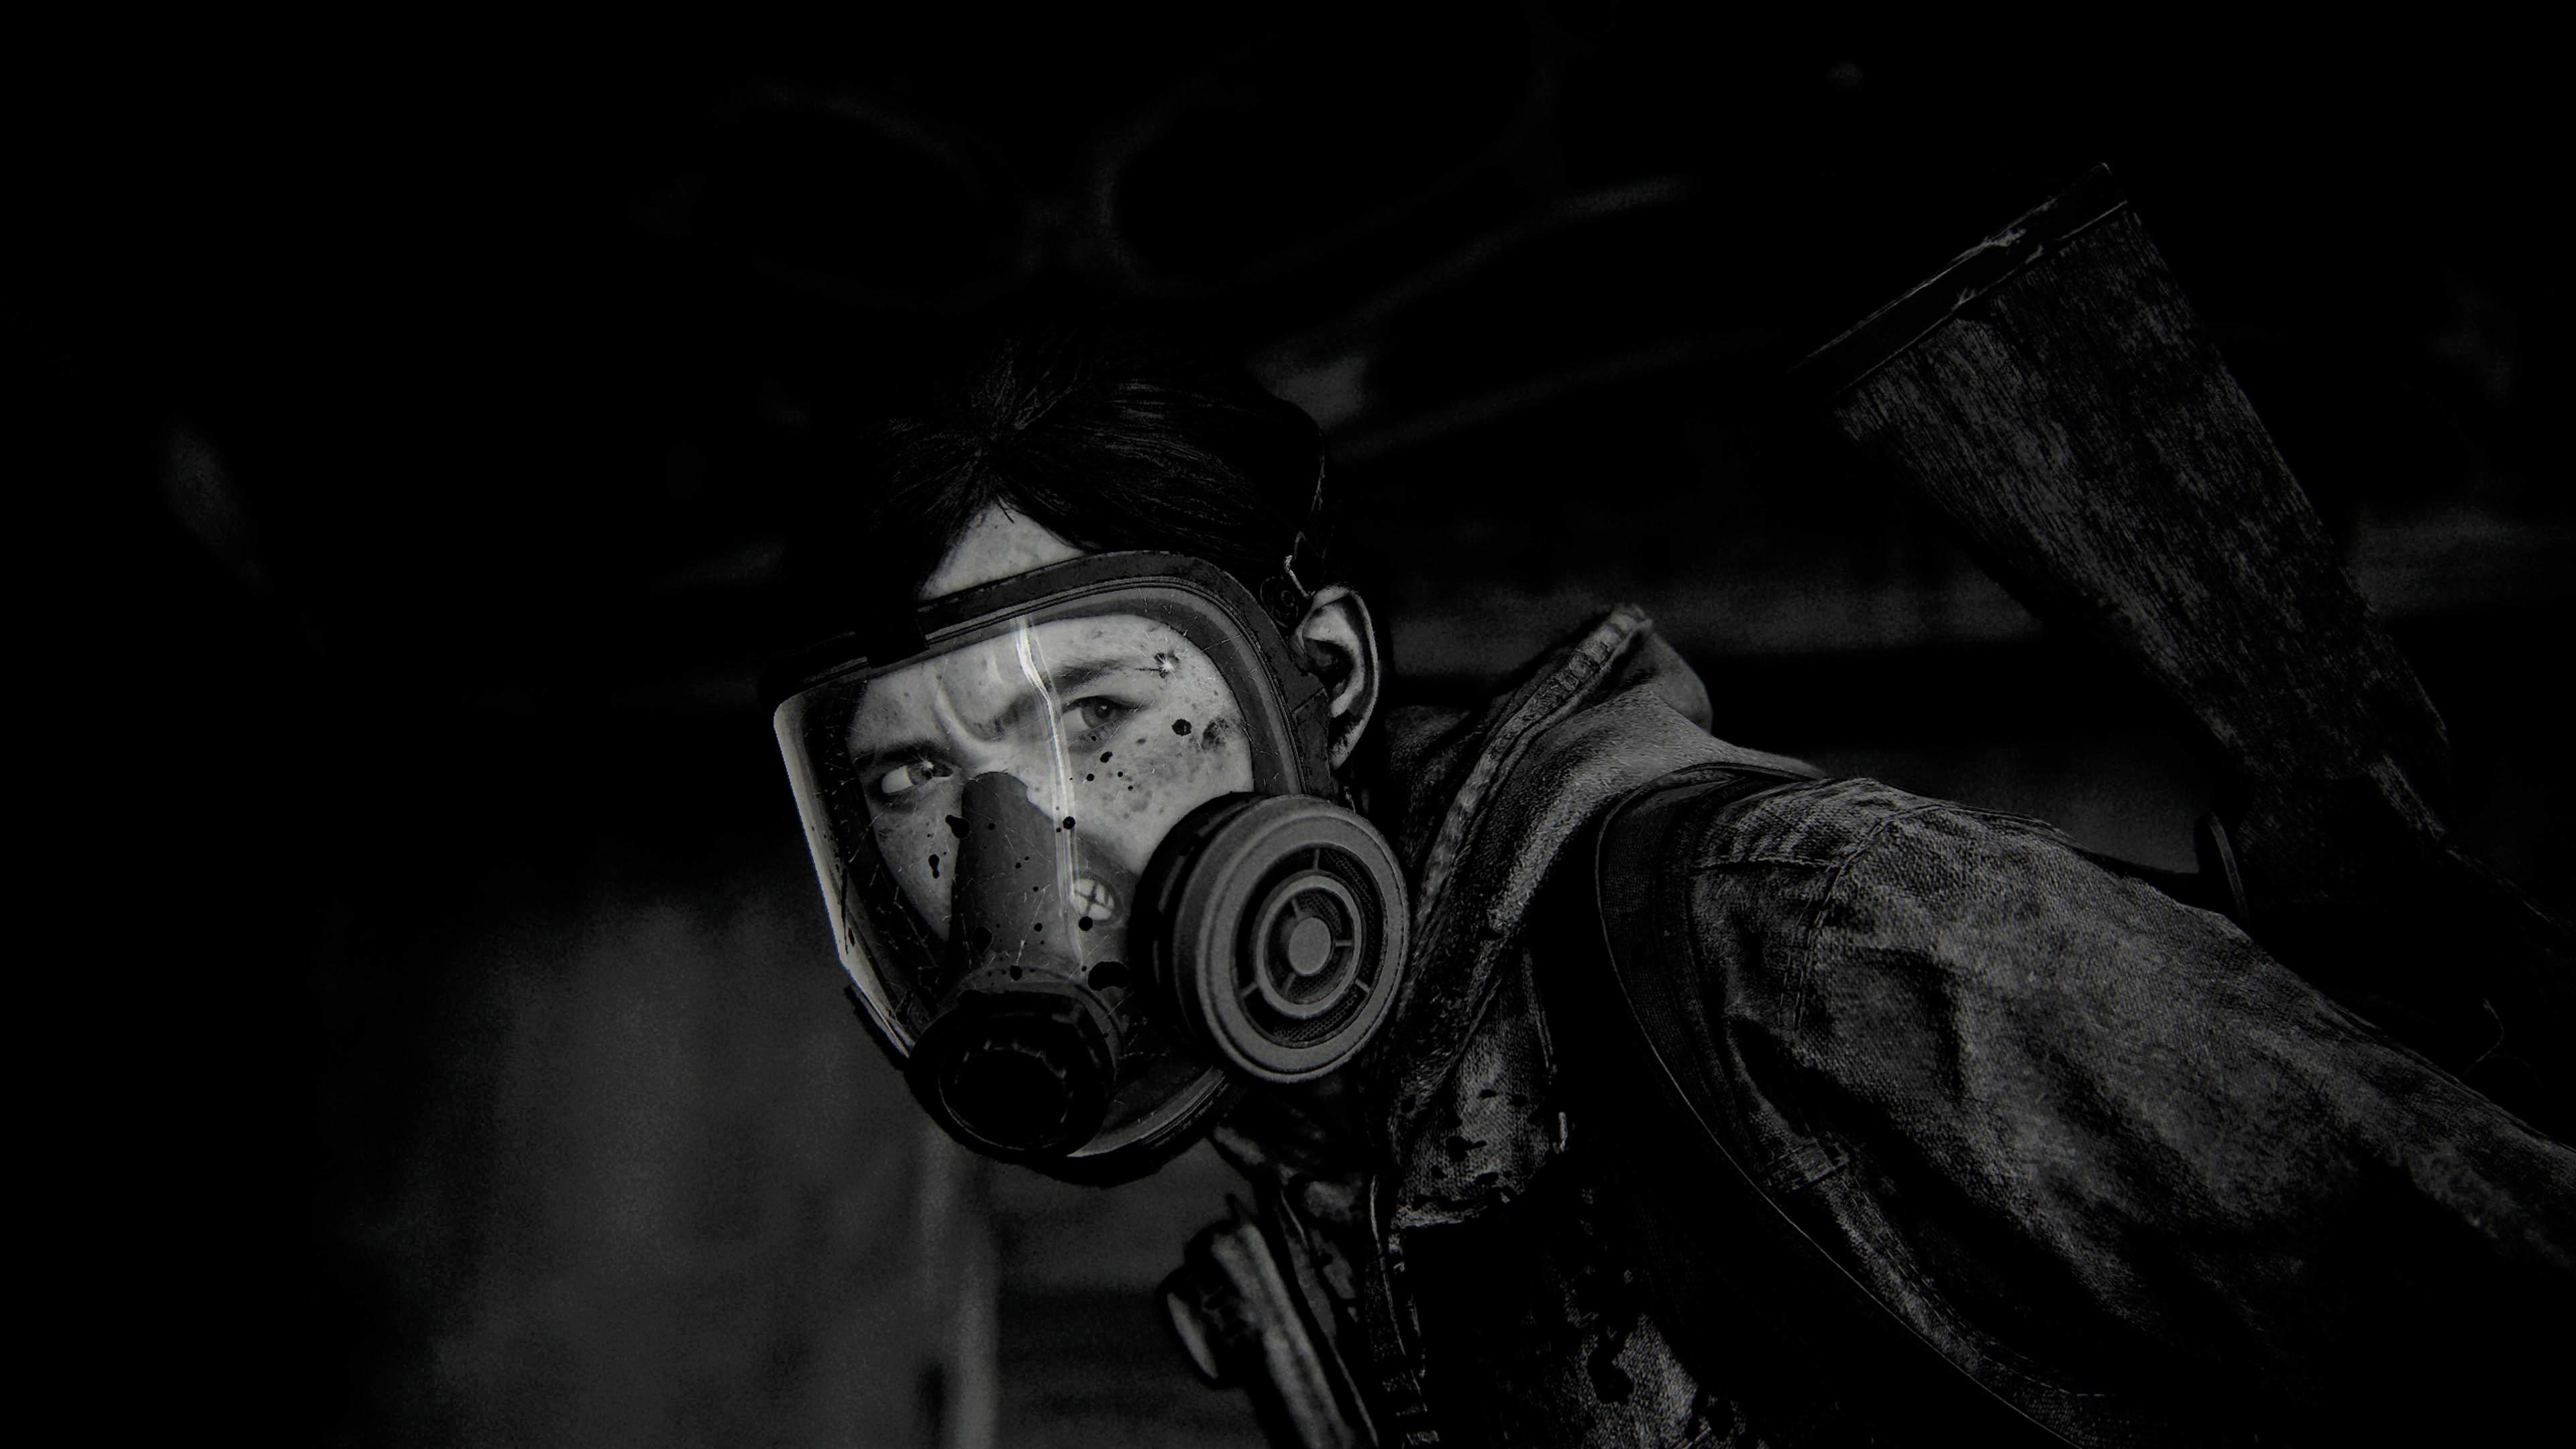 В The Last of Us Part II мог быть режим королевской битвы /скриншот